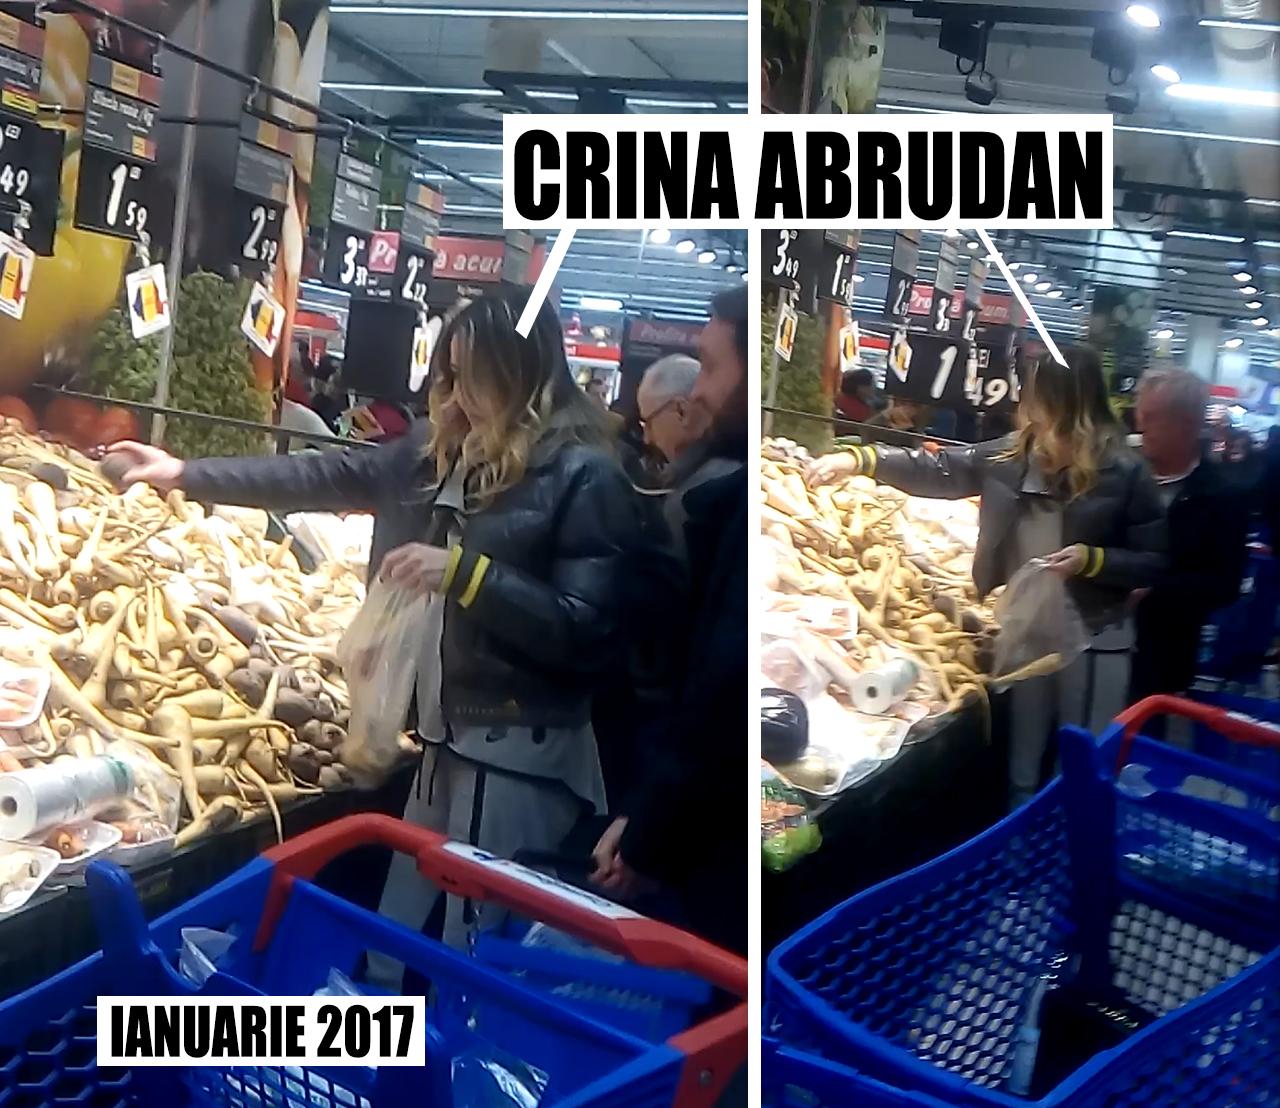 În urmă cu mai multe luni de zile, Crina Abrudan nu purta niciun inel